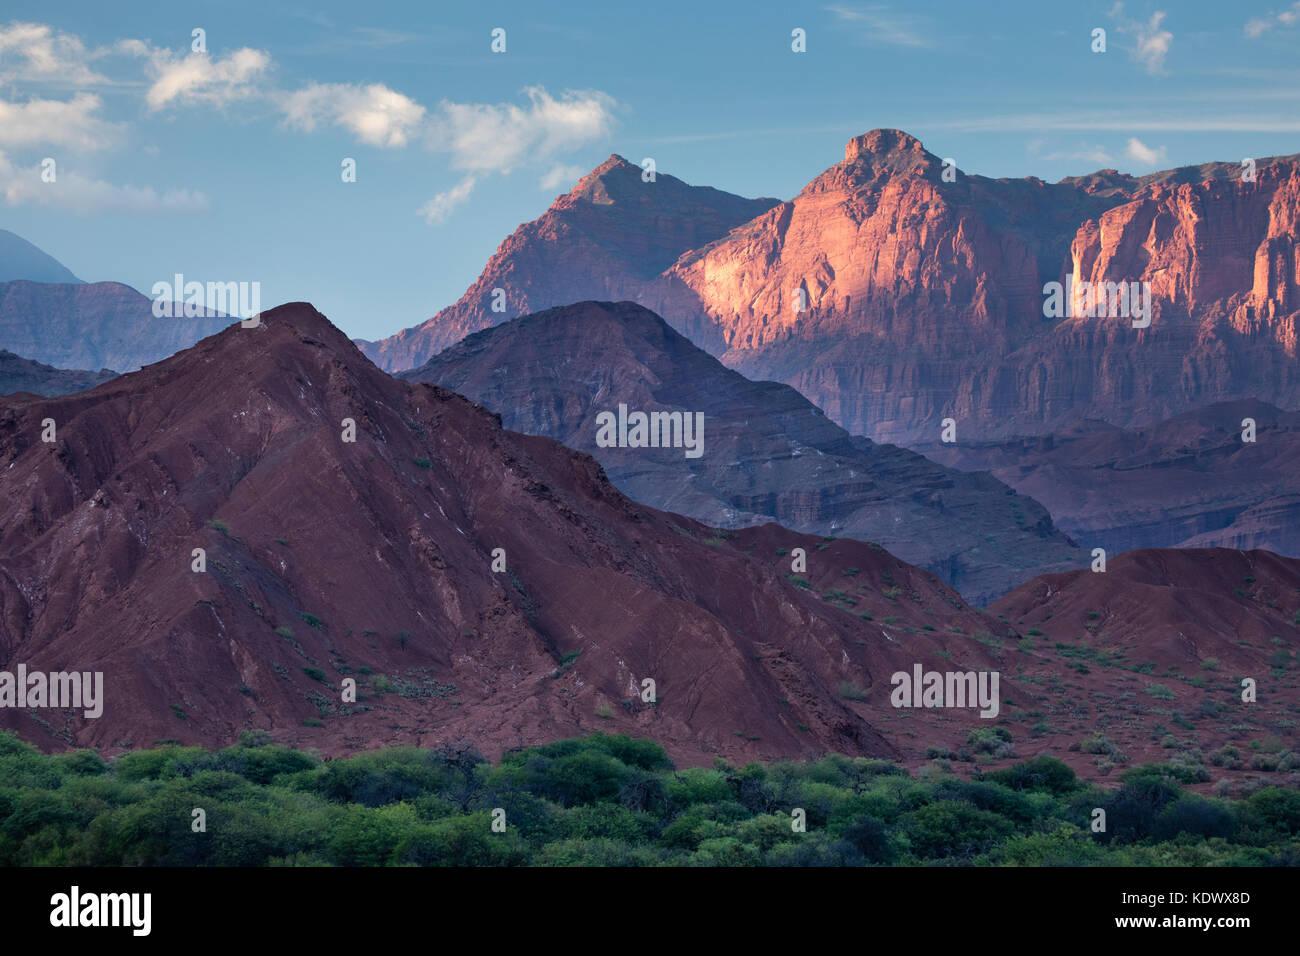 Die Quebrada de la Conches, Valles Calchaquies, Provinz Salta, Argentinien Stockbild